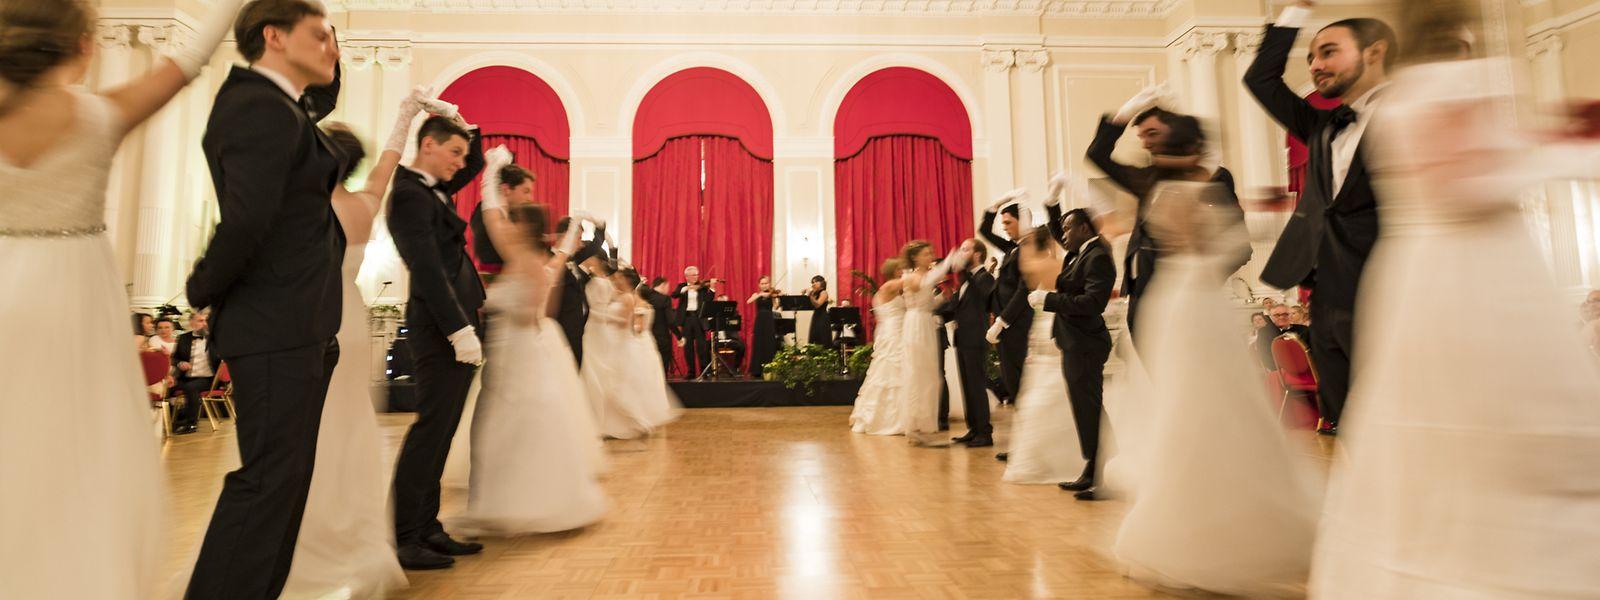 Bereits zum 16. Mal tanzten am Samstagabend im hauptstädtischen Cercle Cité gutgelaunte Gäste in feinen Roben bis spät in die Nacht.